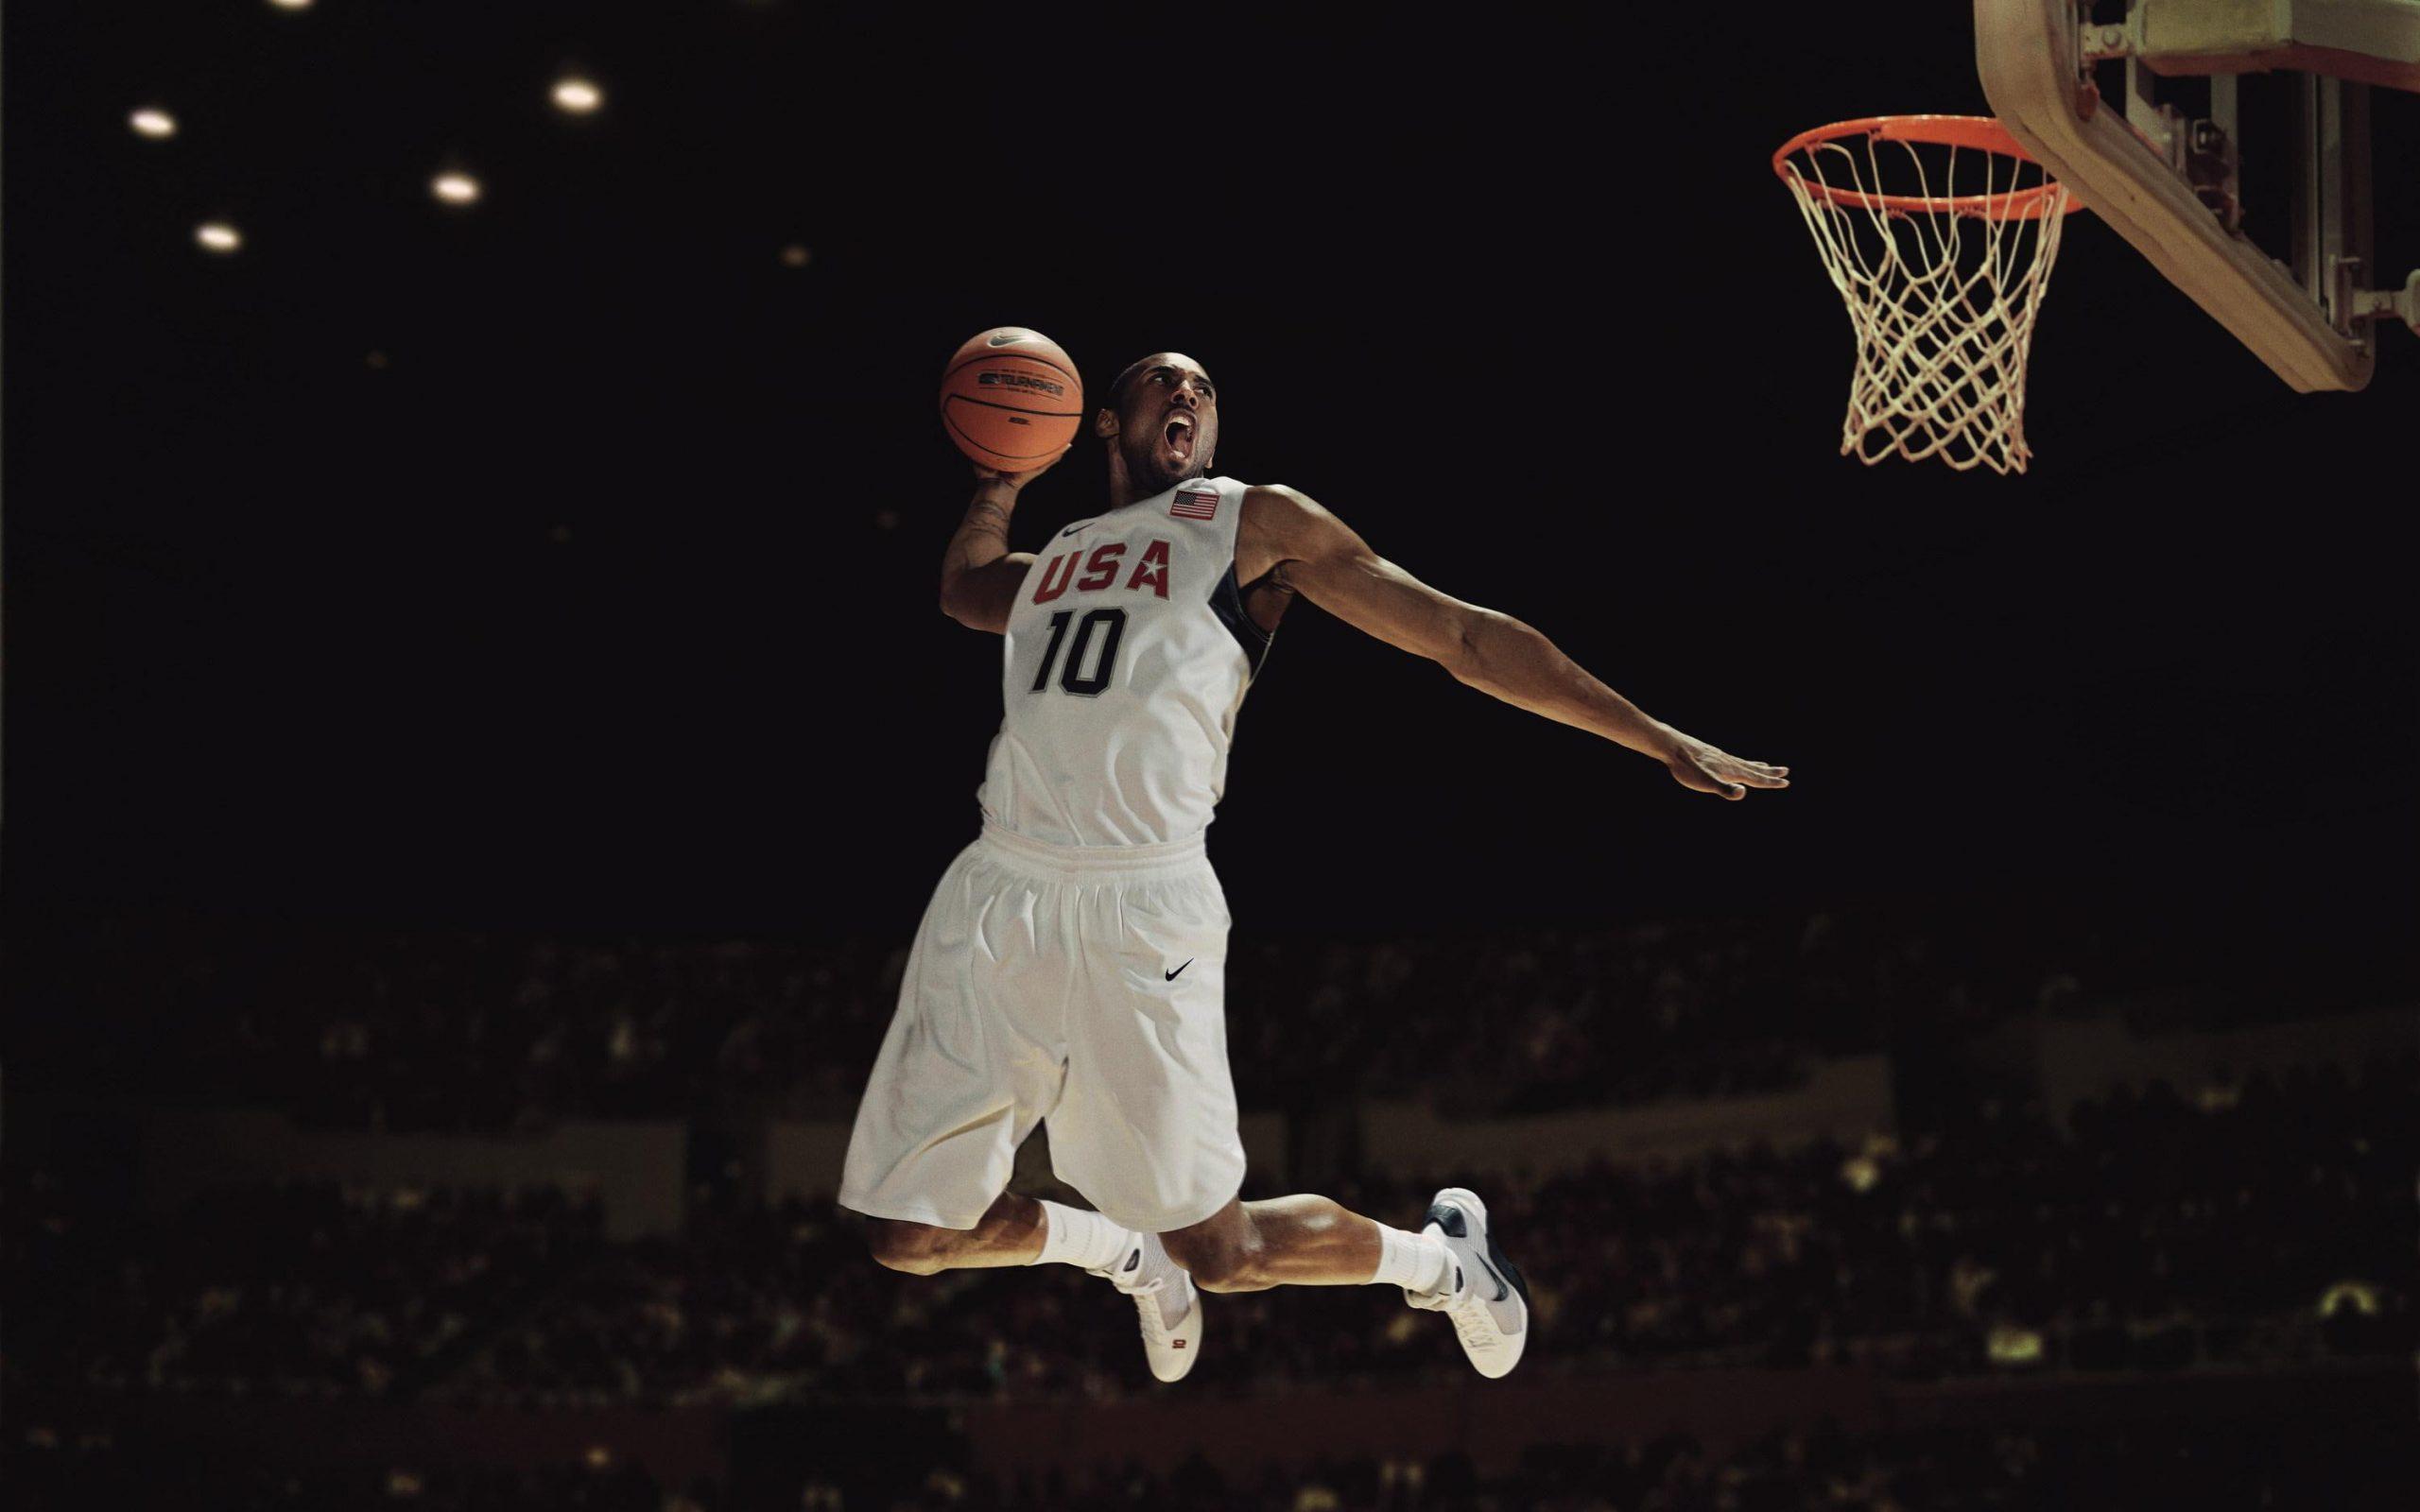 Kobe Bryant Wallpaper Basketball Usa Team Wallpaper For You The Best Wallpaper For Desktop Mobile Sports Wallpaper